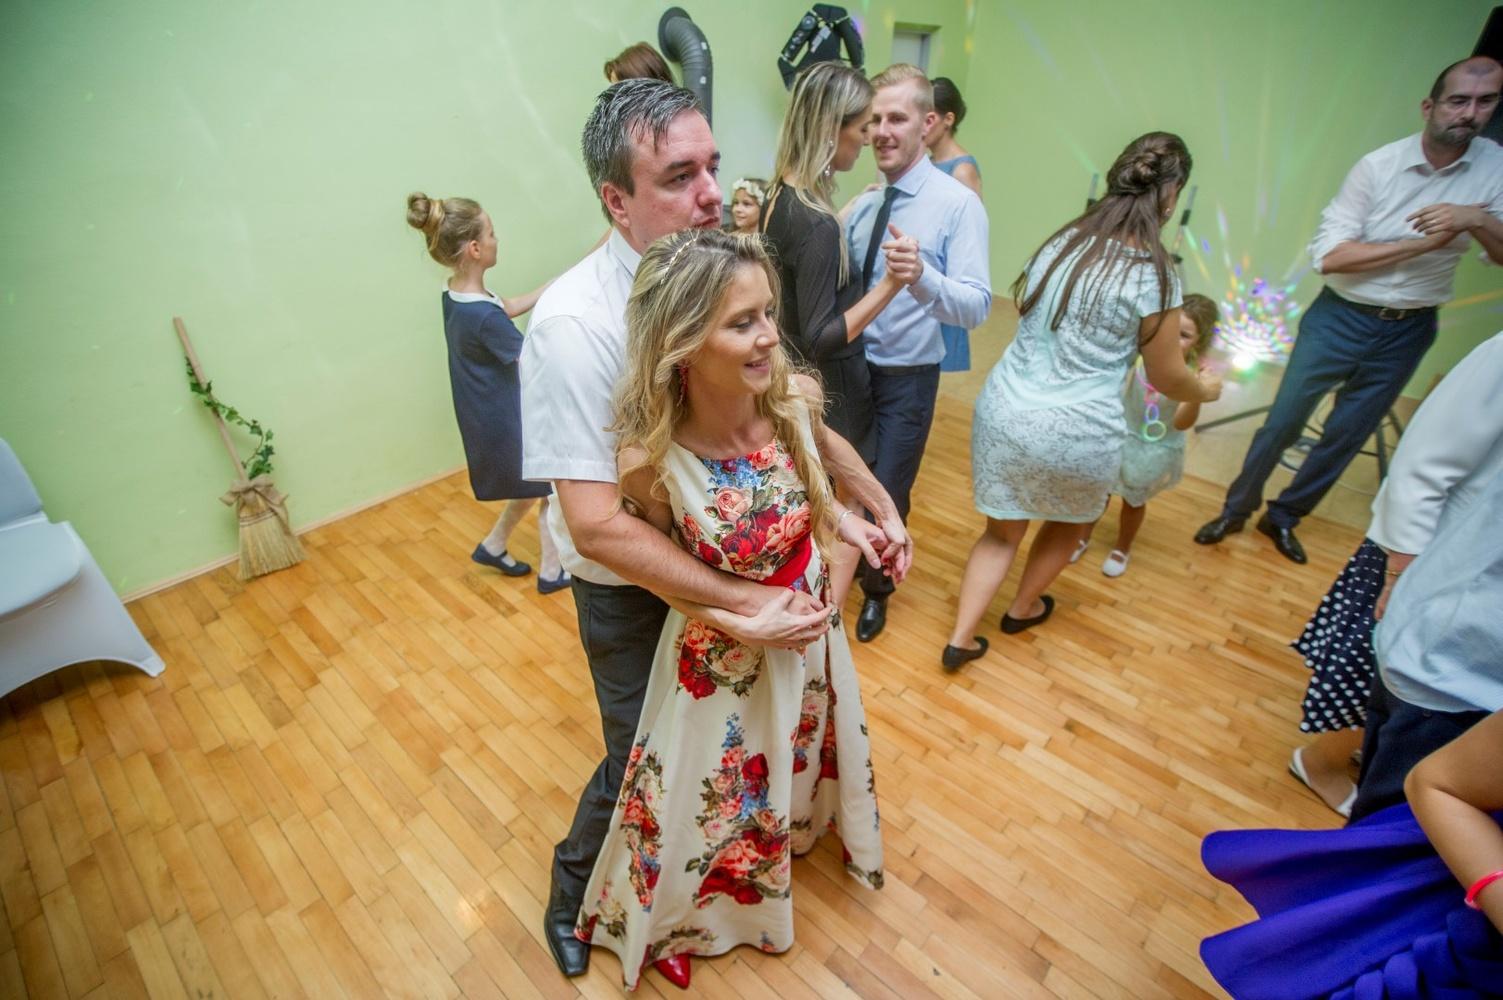 http://www.fotoz.sk/images/gallery-8/normal/eskuvoi-fotos_svadobny-fotograf_570.jpg